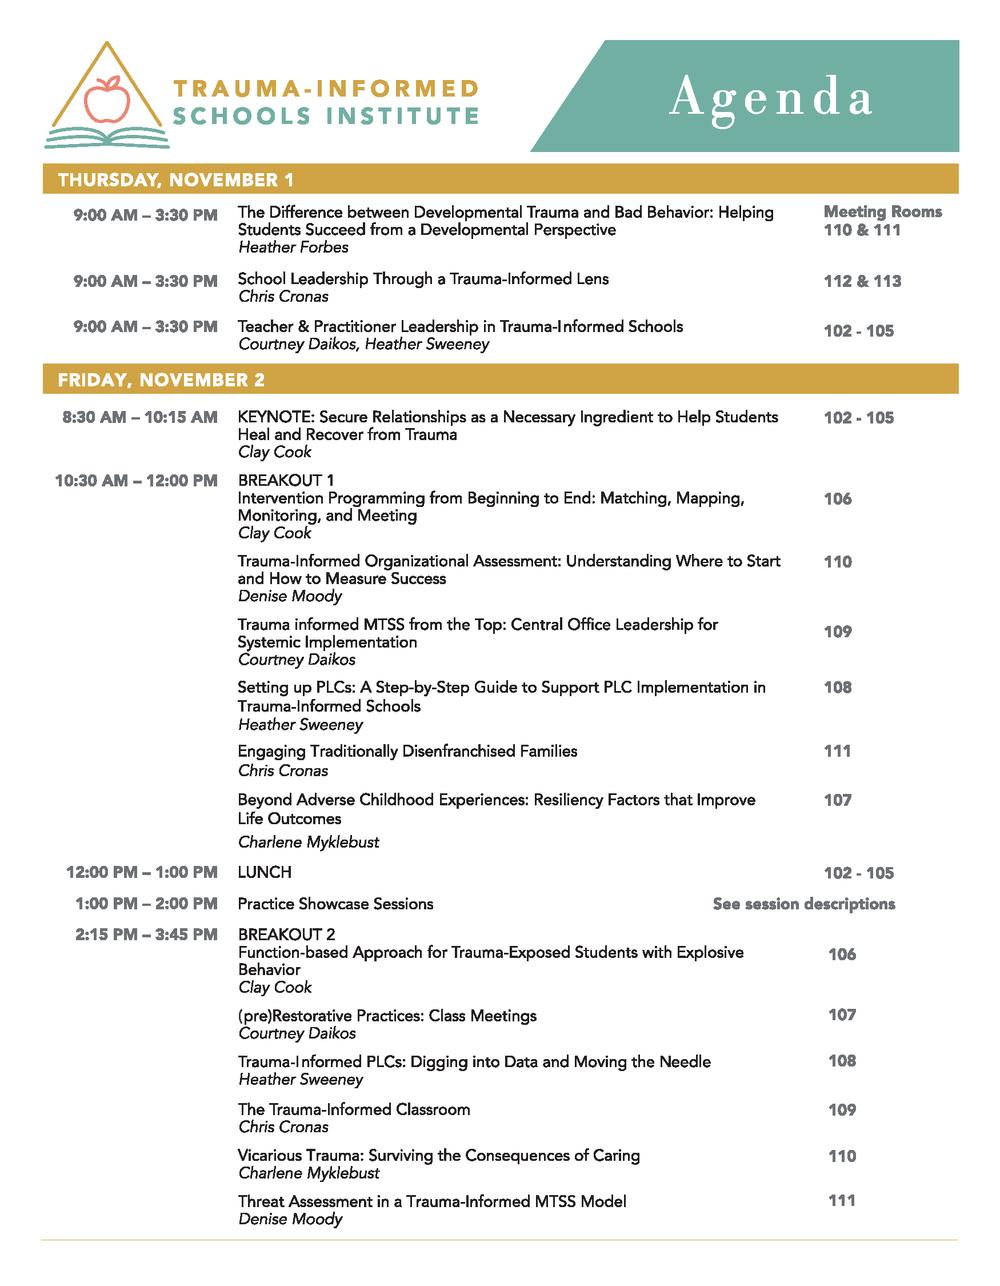 Agenda 10.25.18.png